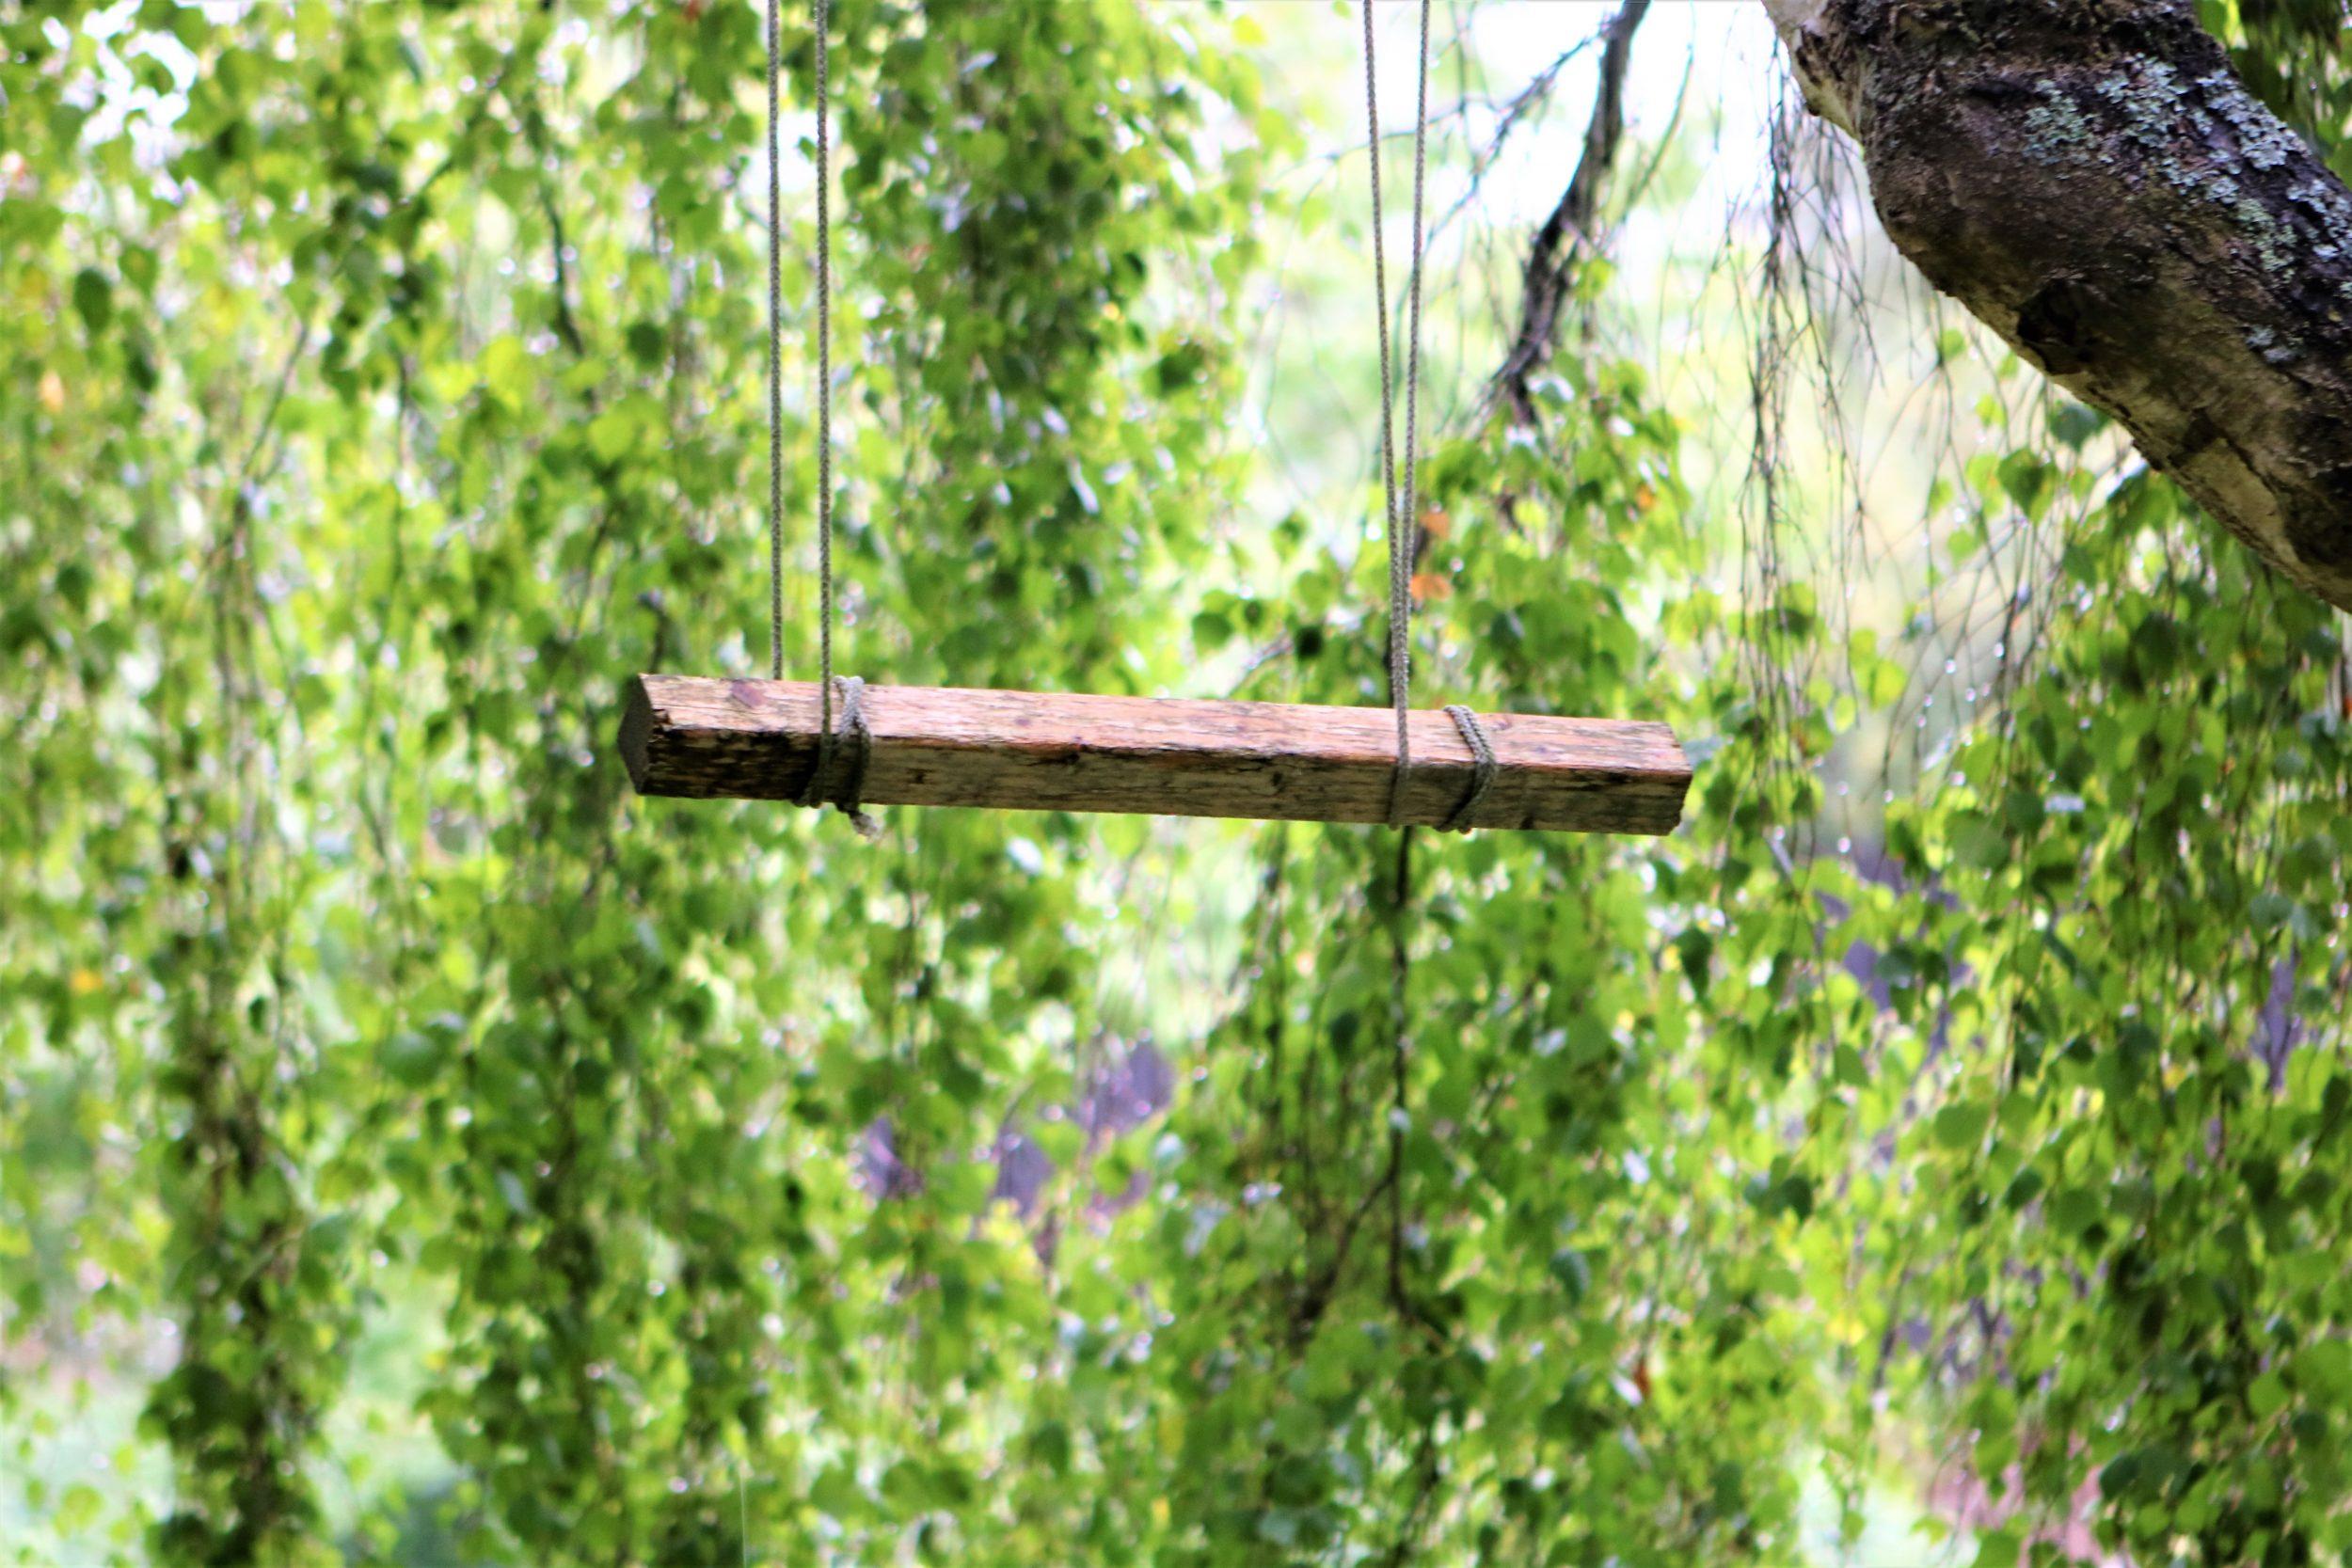 Naturen Er Verdens Bedste Legeplads Dit Roskilde